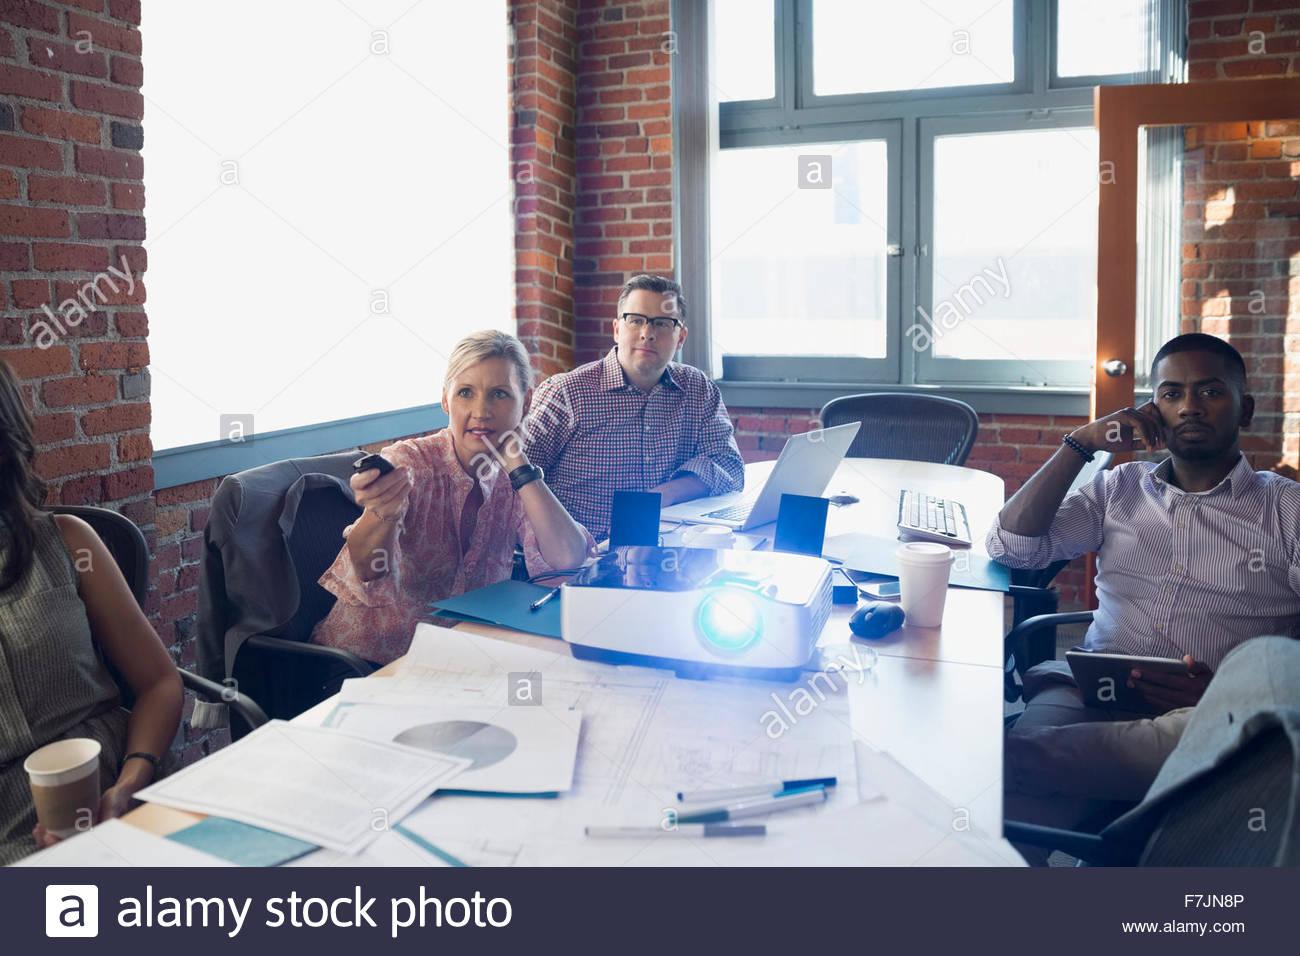 Les gens d'affaires à l'aide de projecteur dans la salle de conférence réunion Photo Stock